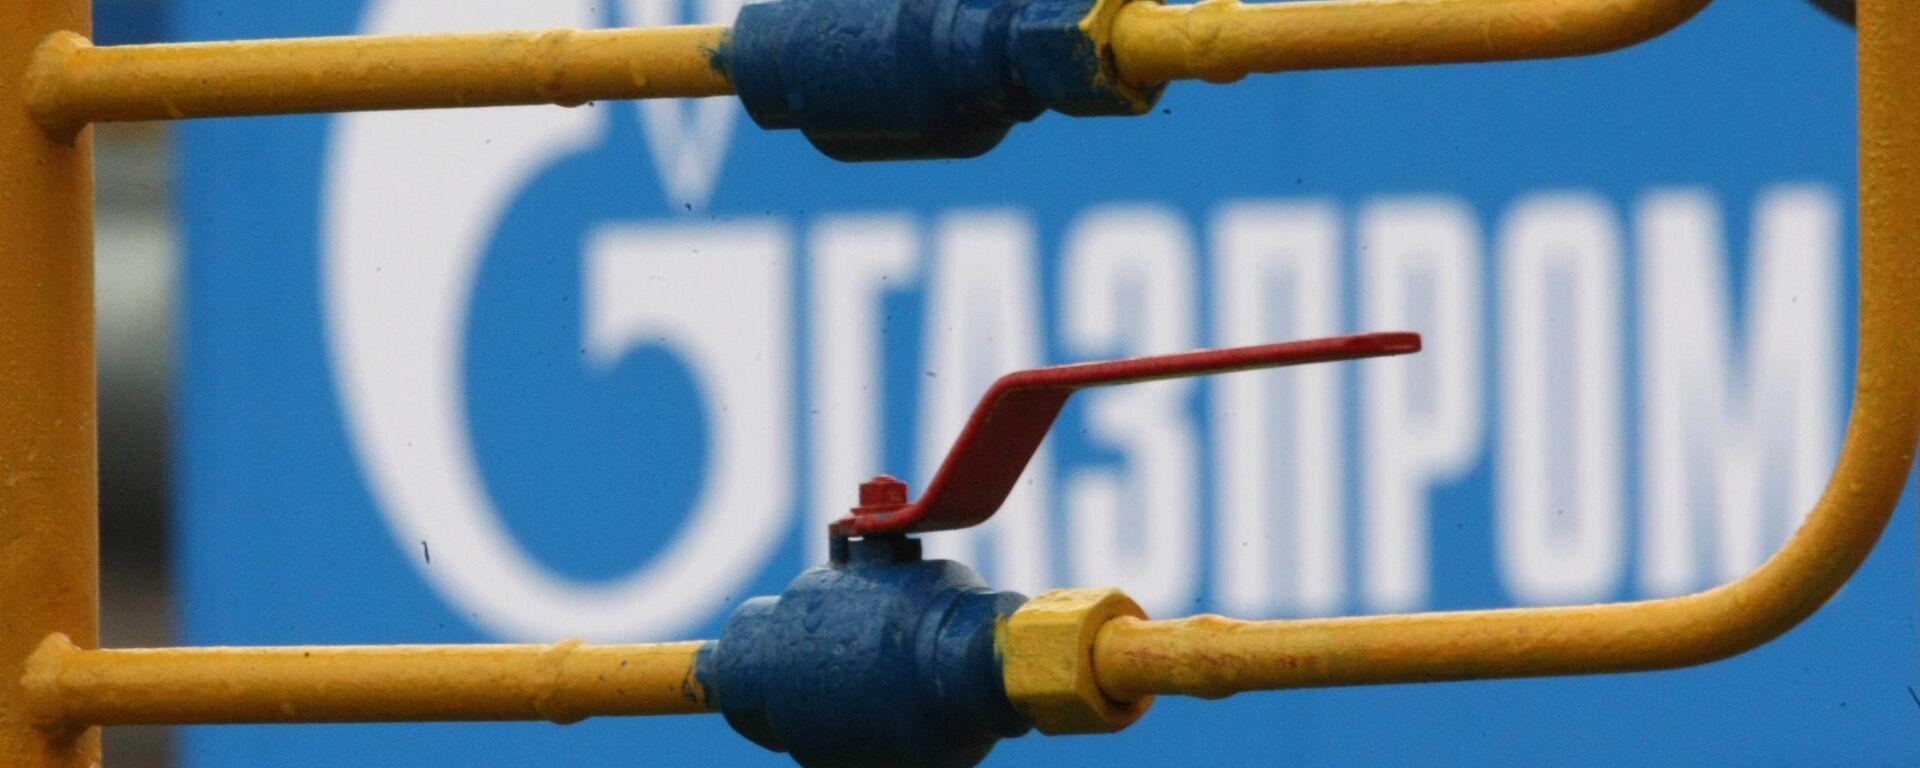 ОАО Газпром - Sputnik Грузия, 1920, 26.05.2020